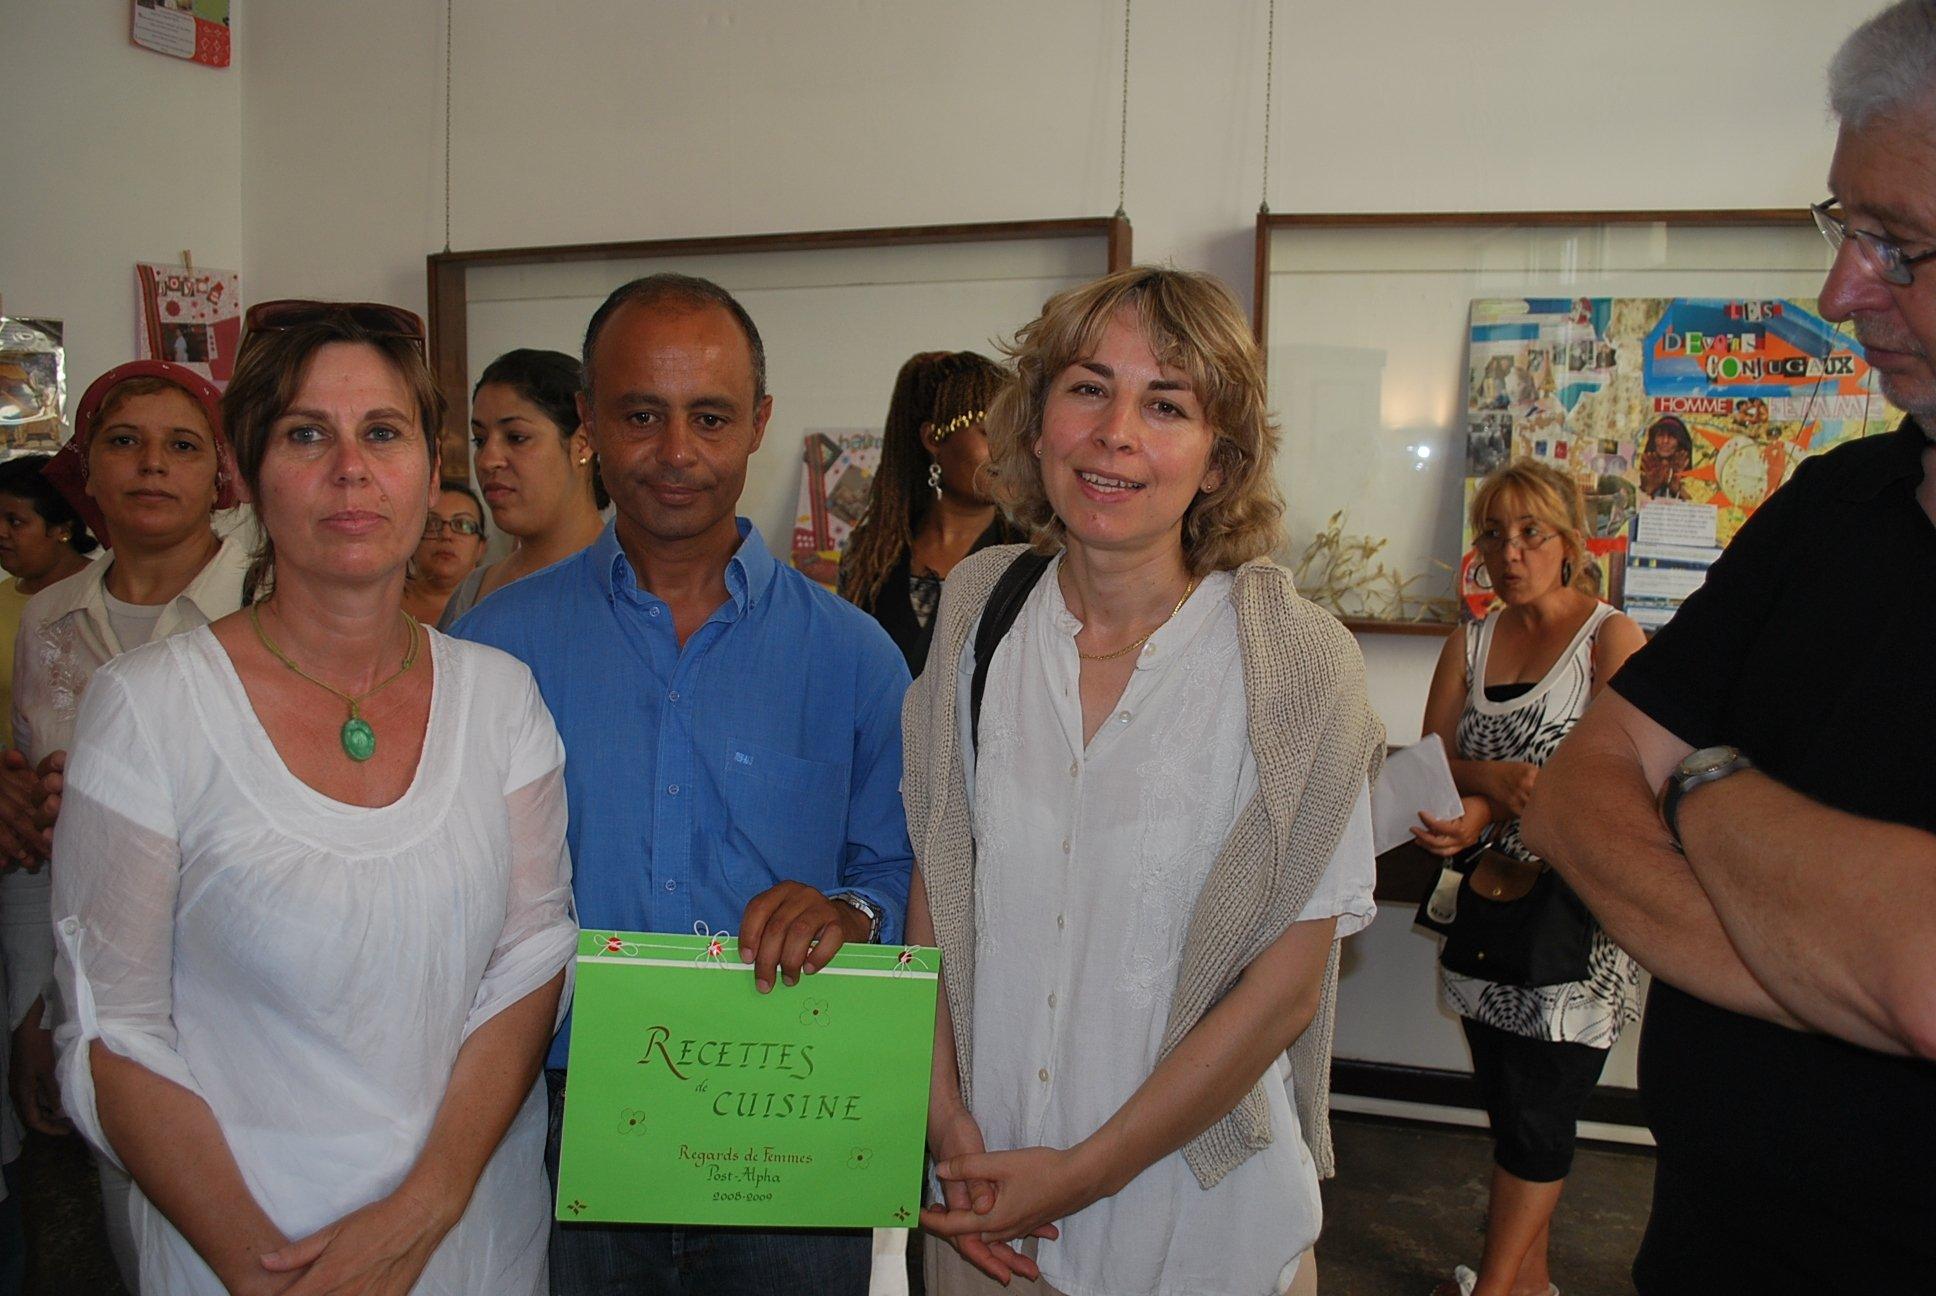 expo regard de femme 2009